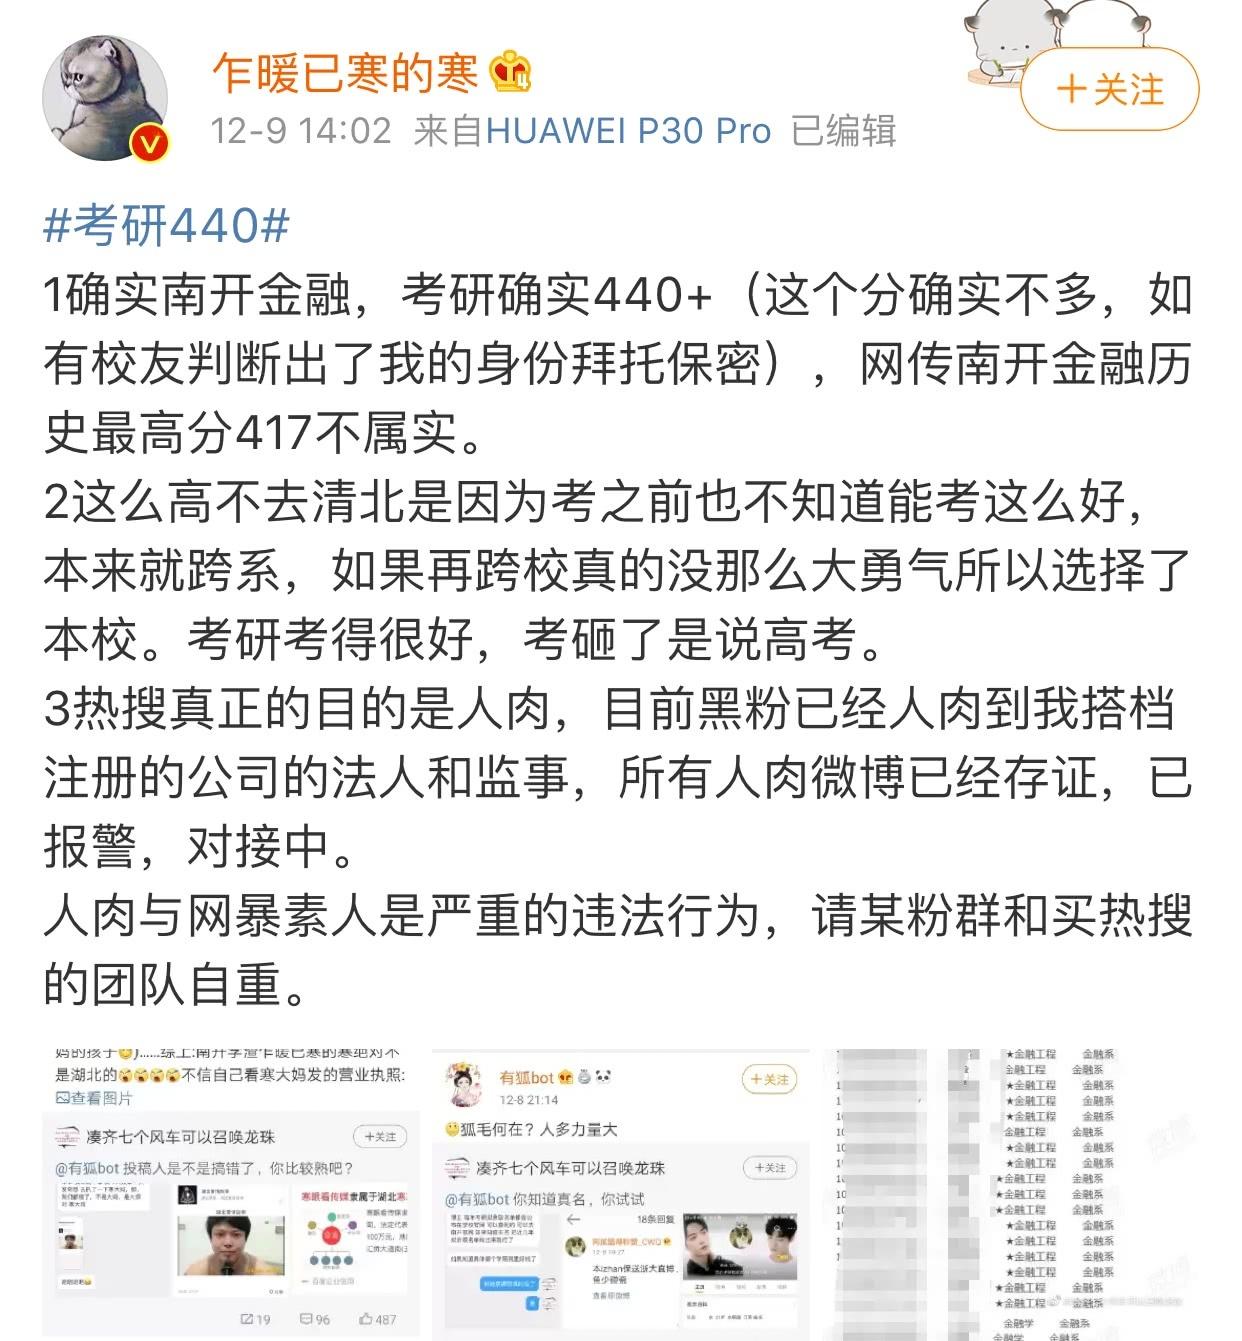 """南开大学风评被害肖战粉丝伪造考研分数露馅,被官博""""打脸"""""""